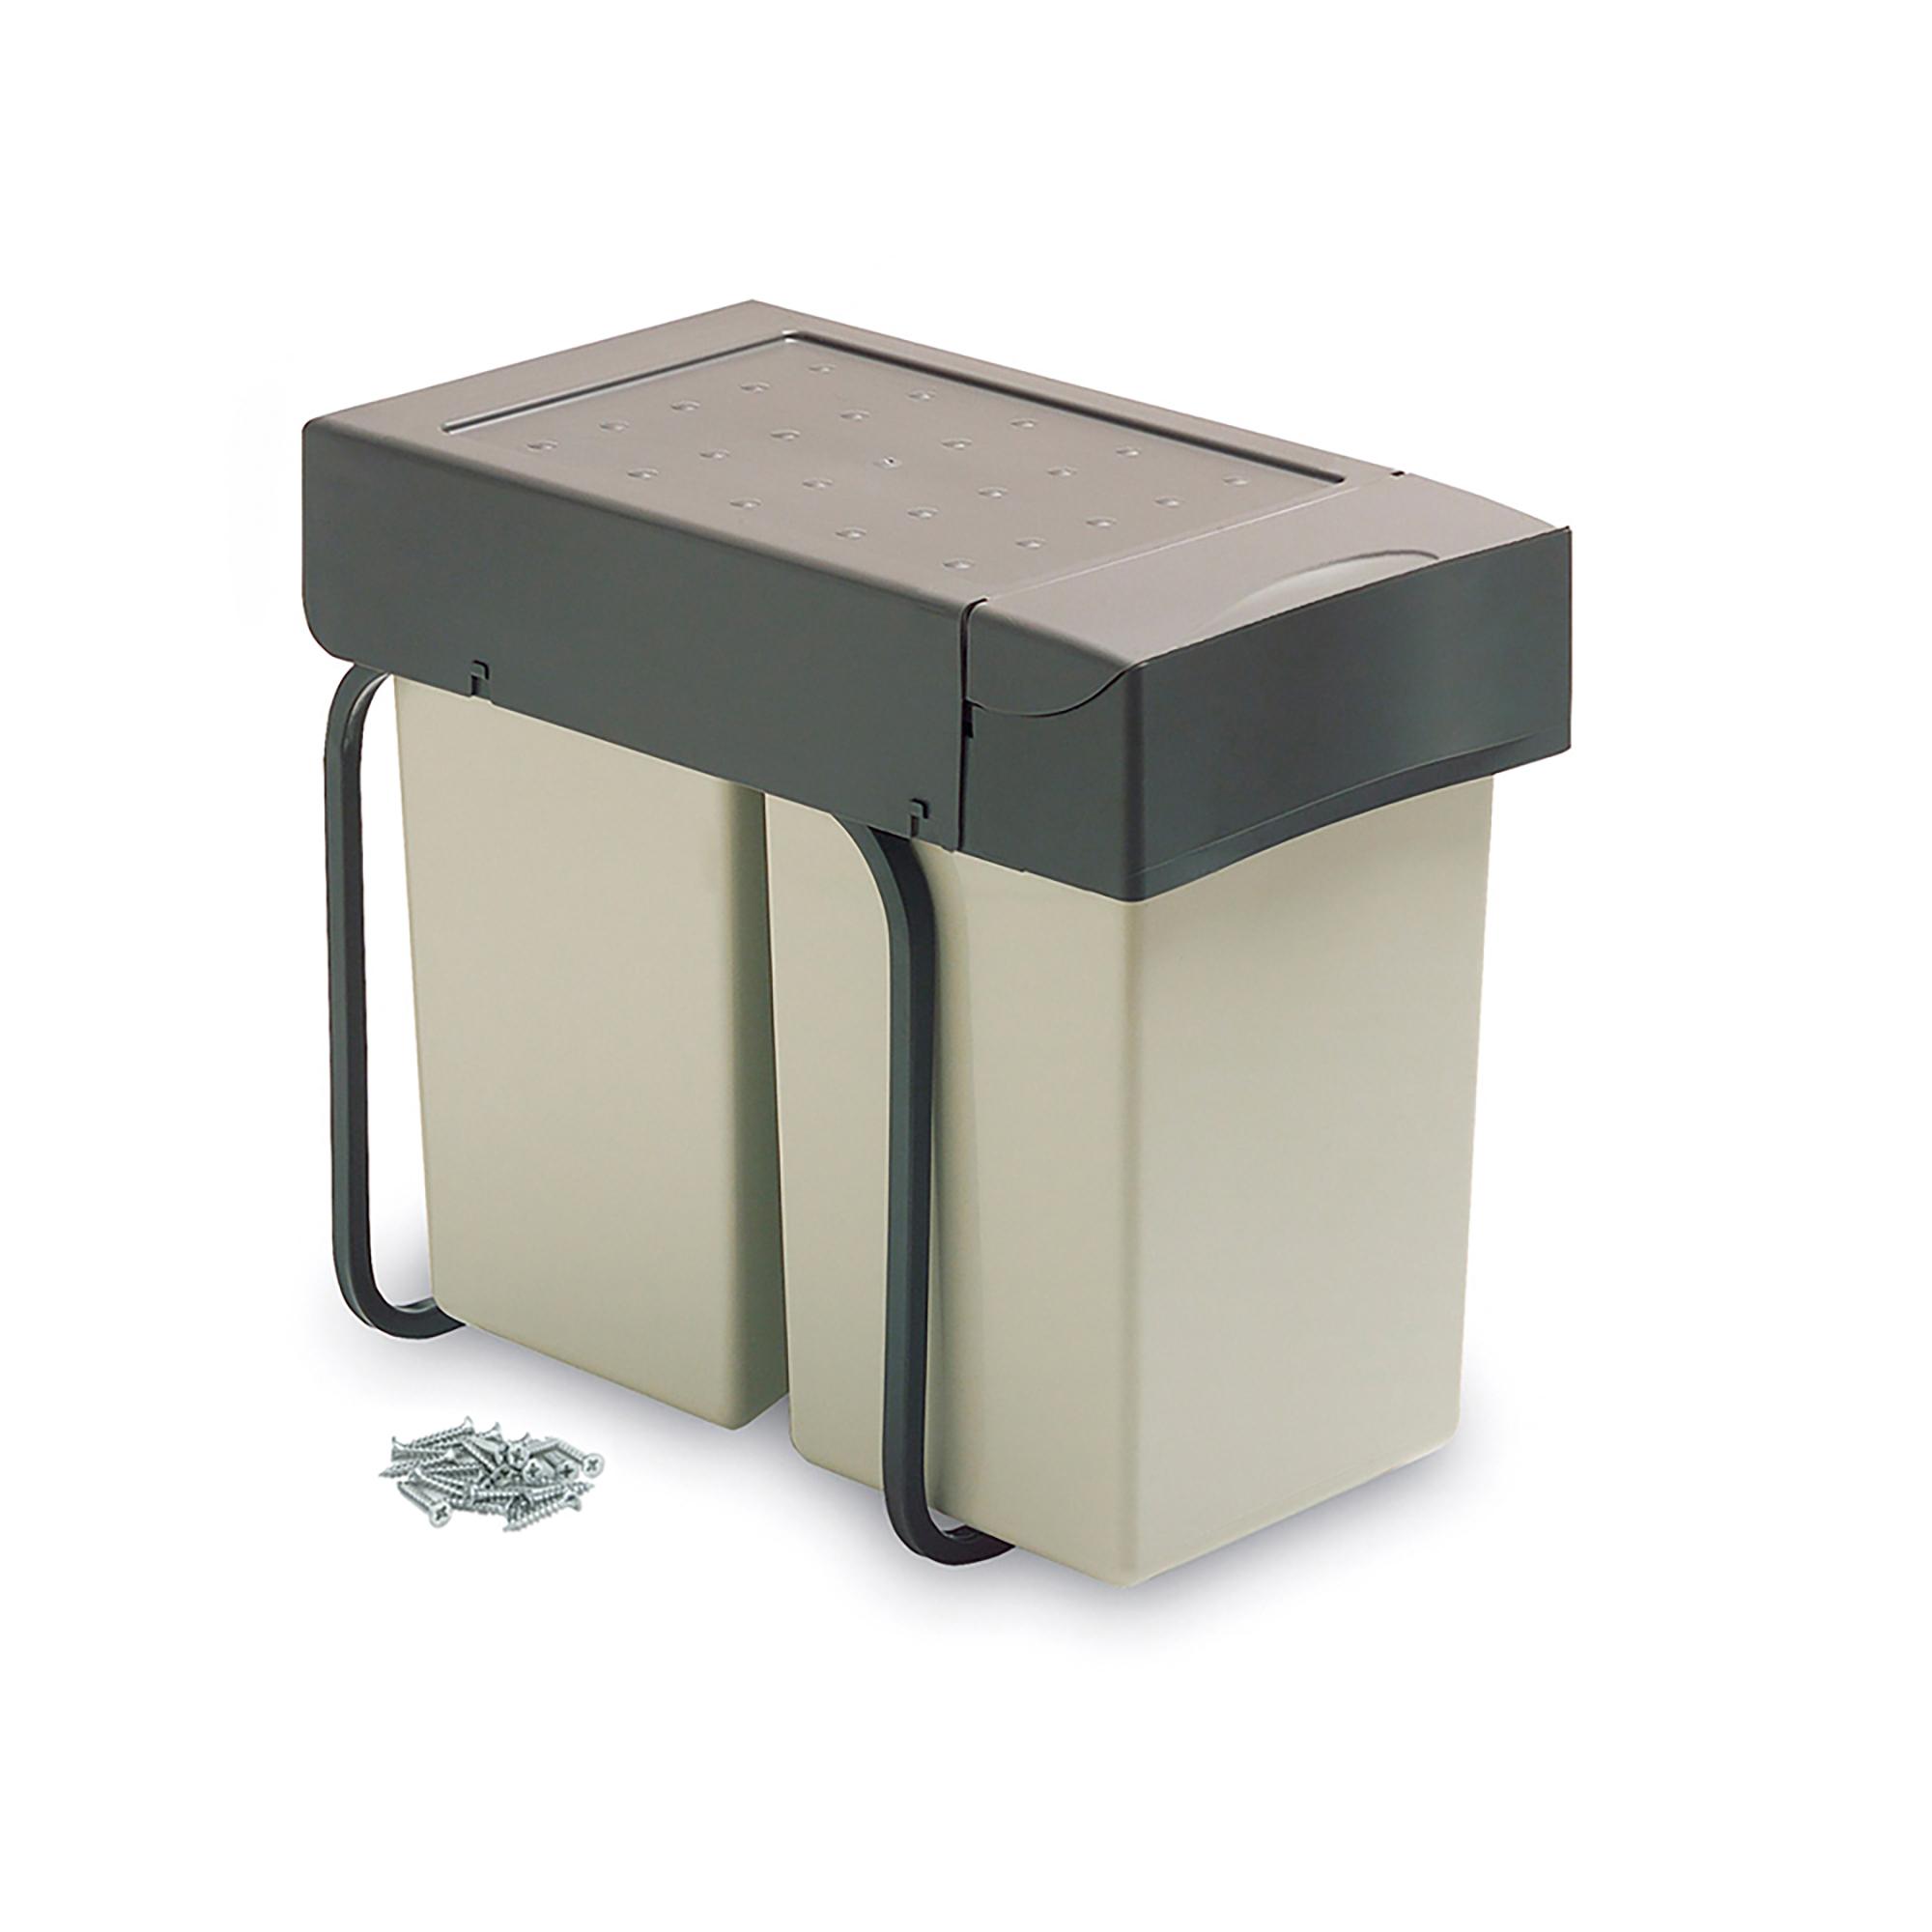 Emuca Pattumiera per raccolta differenziata, 2 contenitori da 14 L, fissaggio inferiore, coperchio chiusura automatica, Plastica